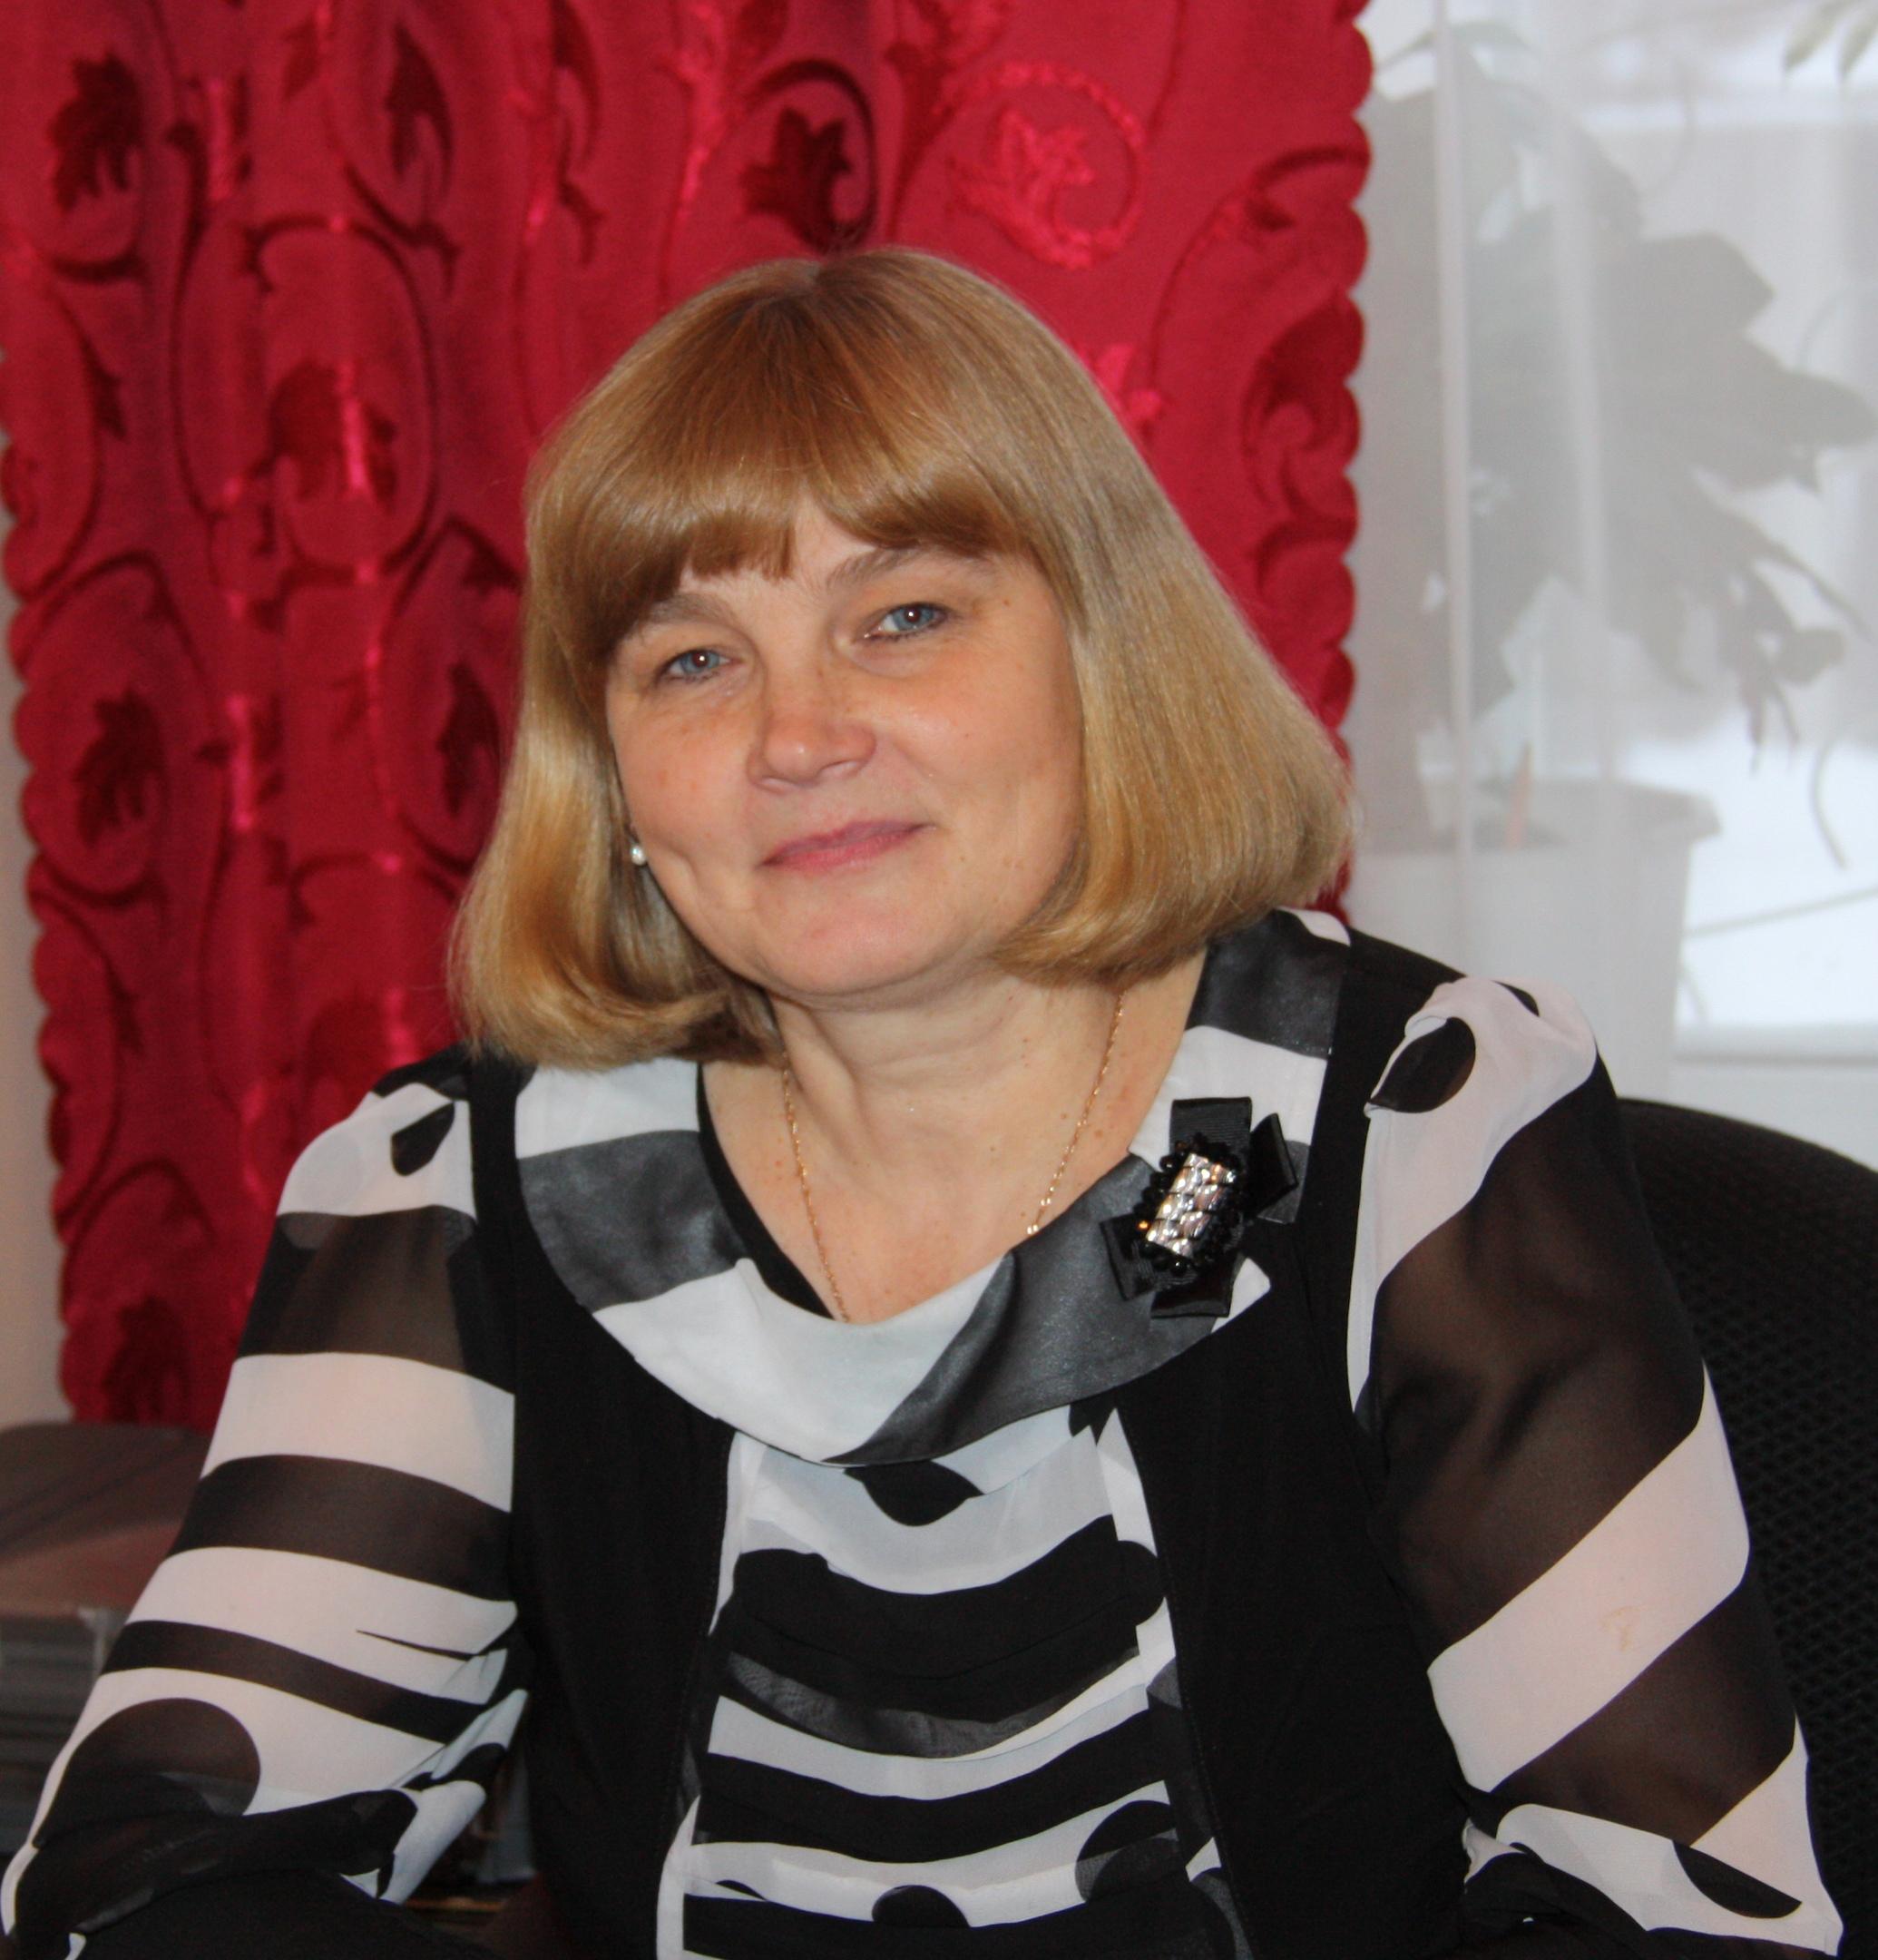 Ирина Степанова: Лучшая пропаганда рождаемости и многодетности – это когда нет очередей в дошкольные учреждения